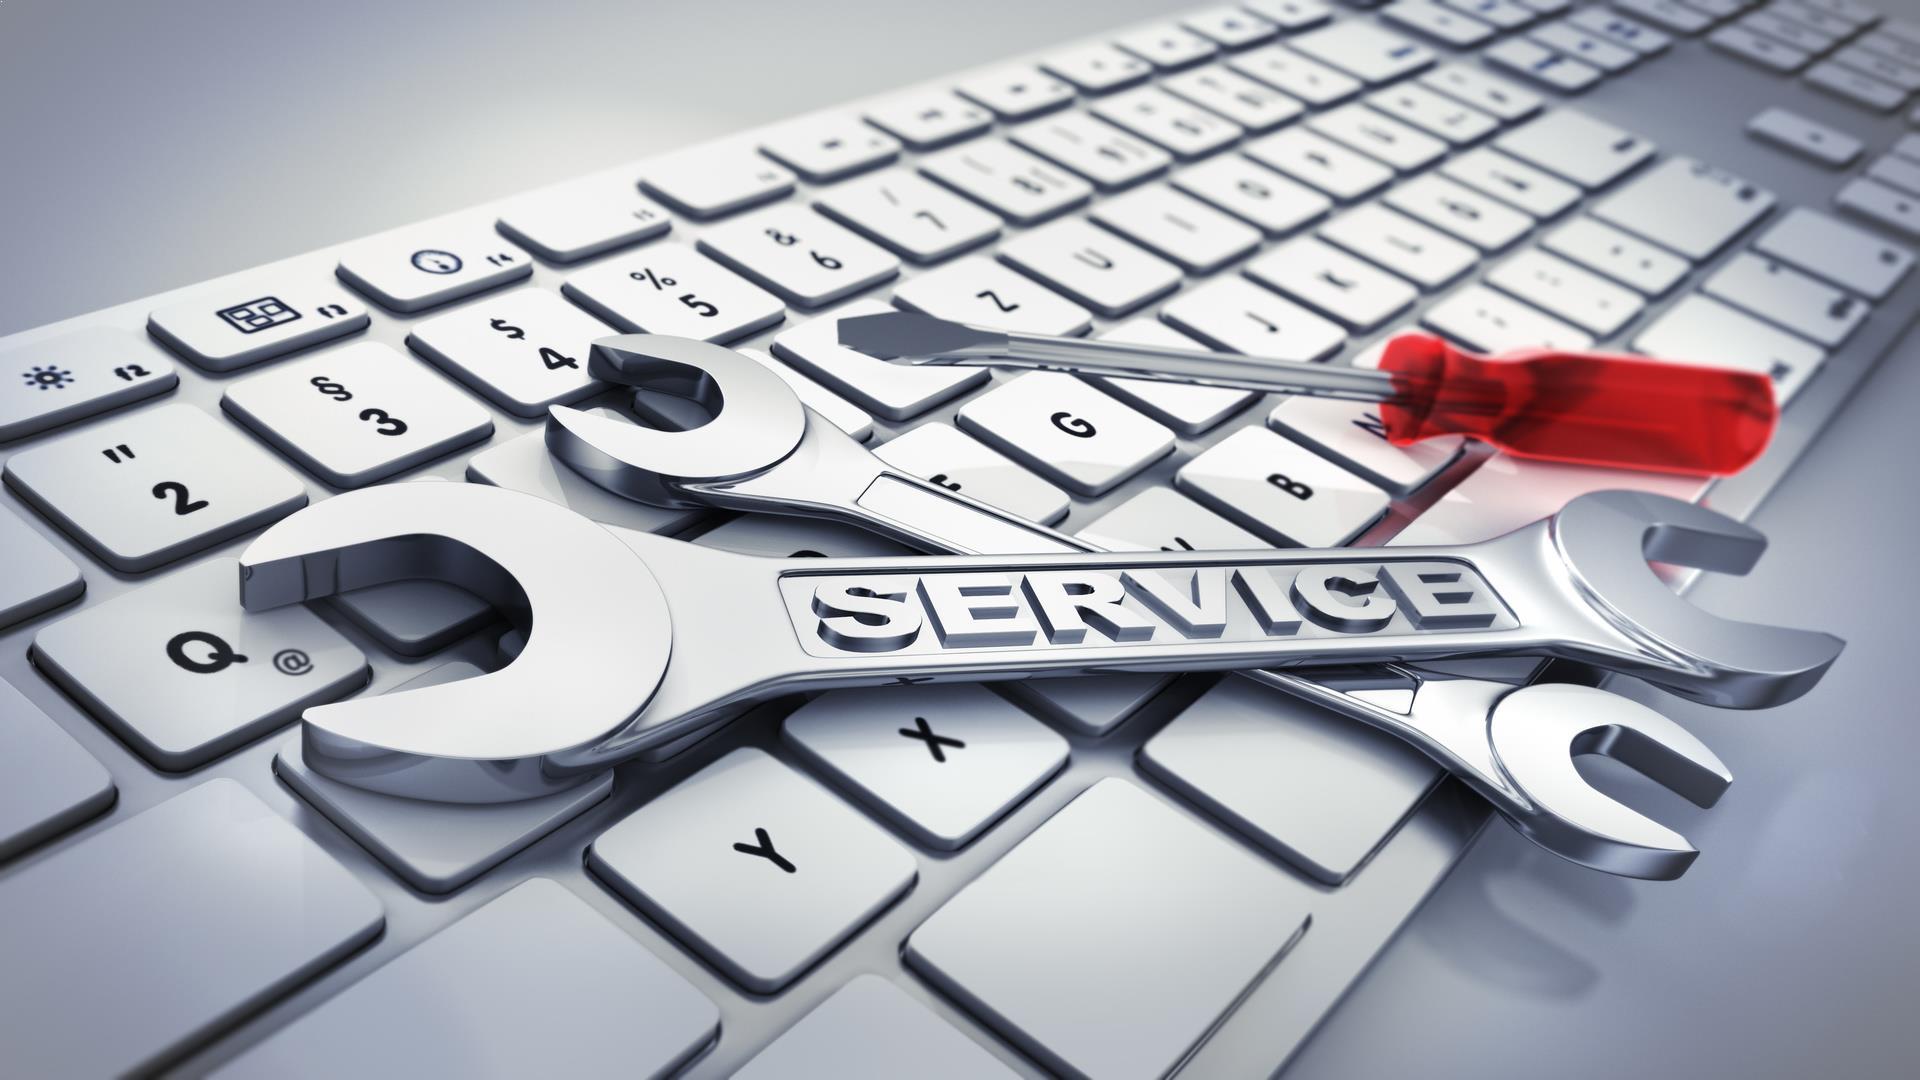 Services_IT